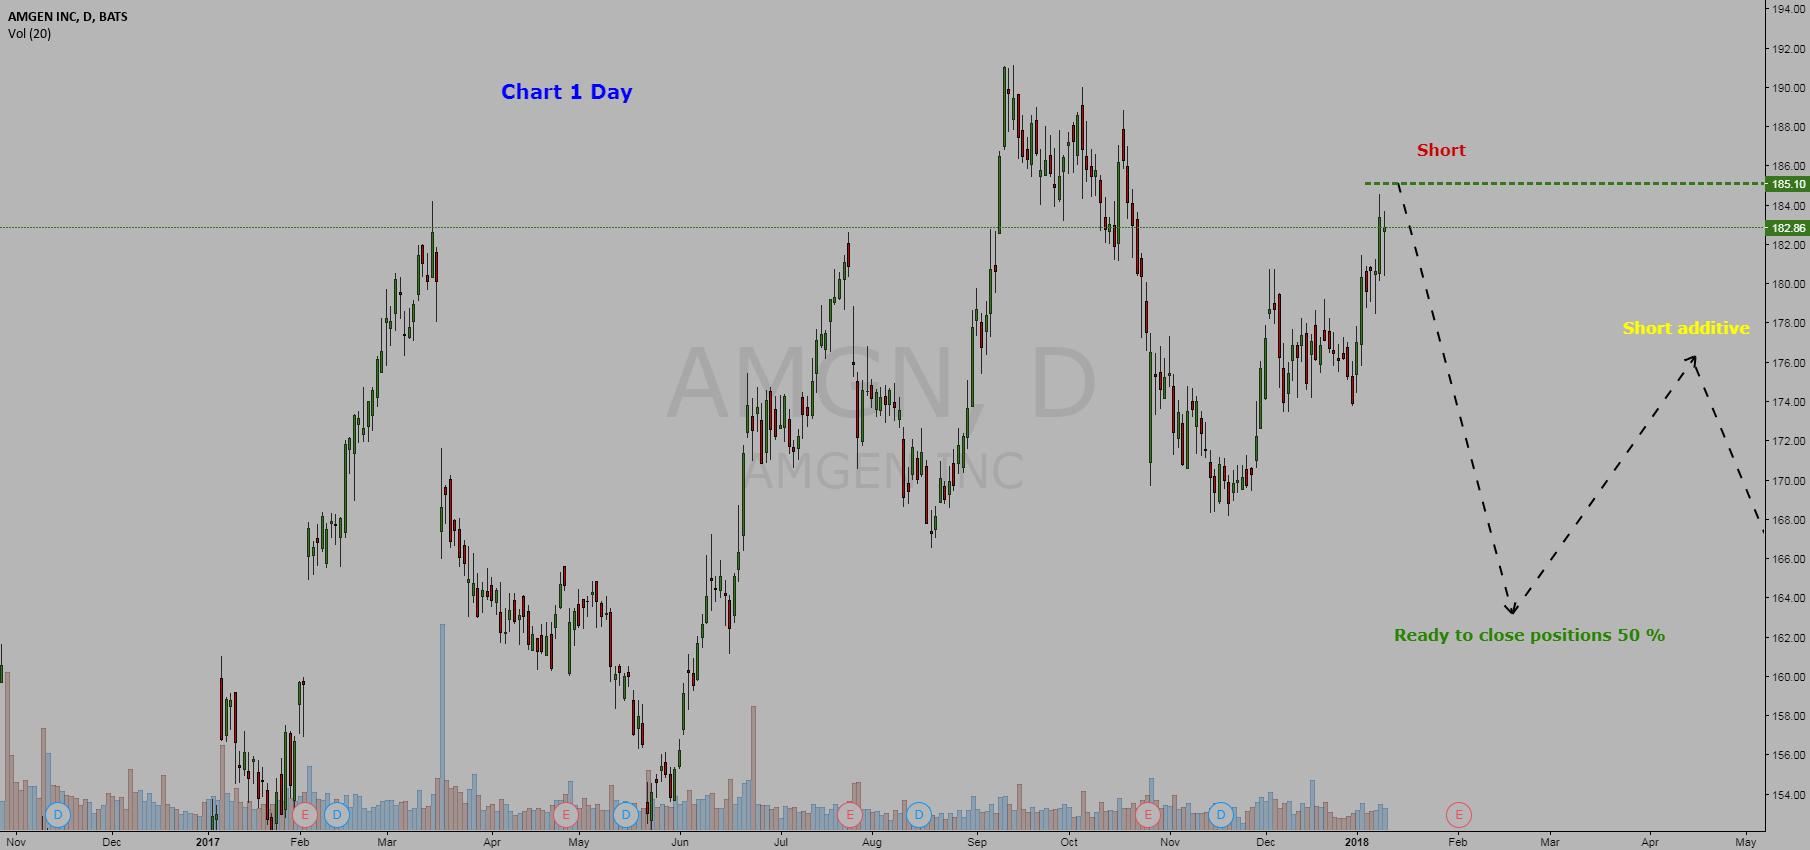 Stock  AMGN [NASD] Amgen Inc = Short Positions